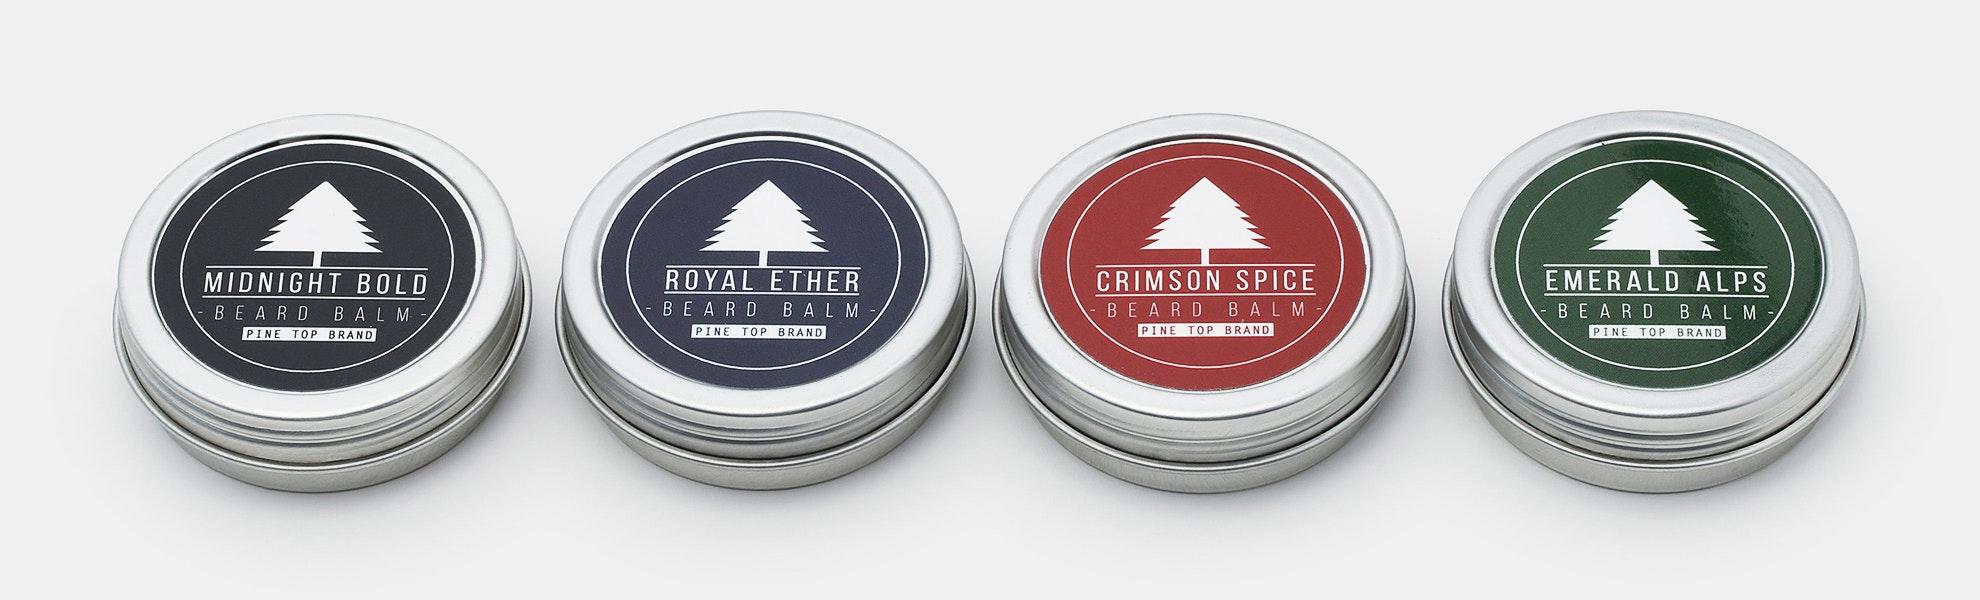 Pine Top Beard Balm